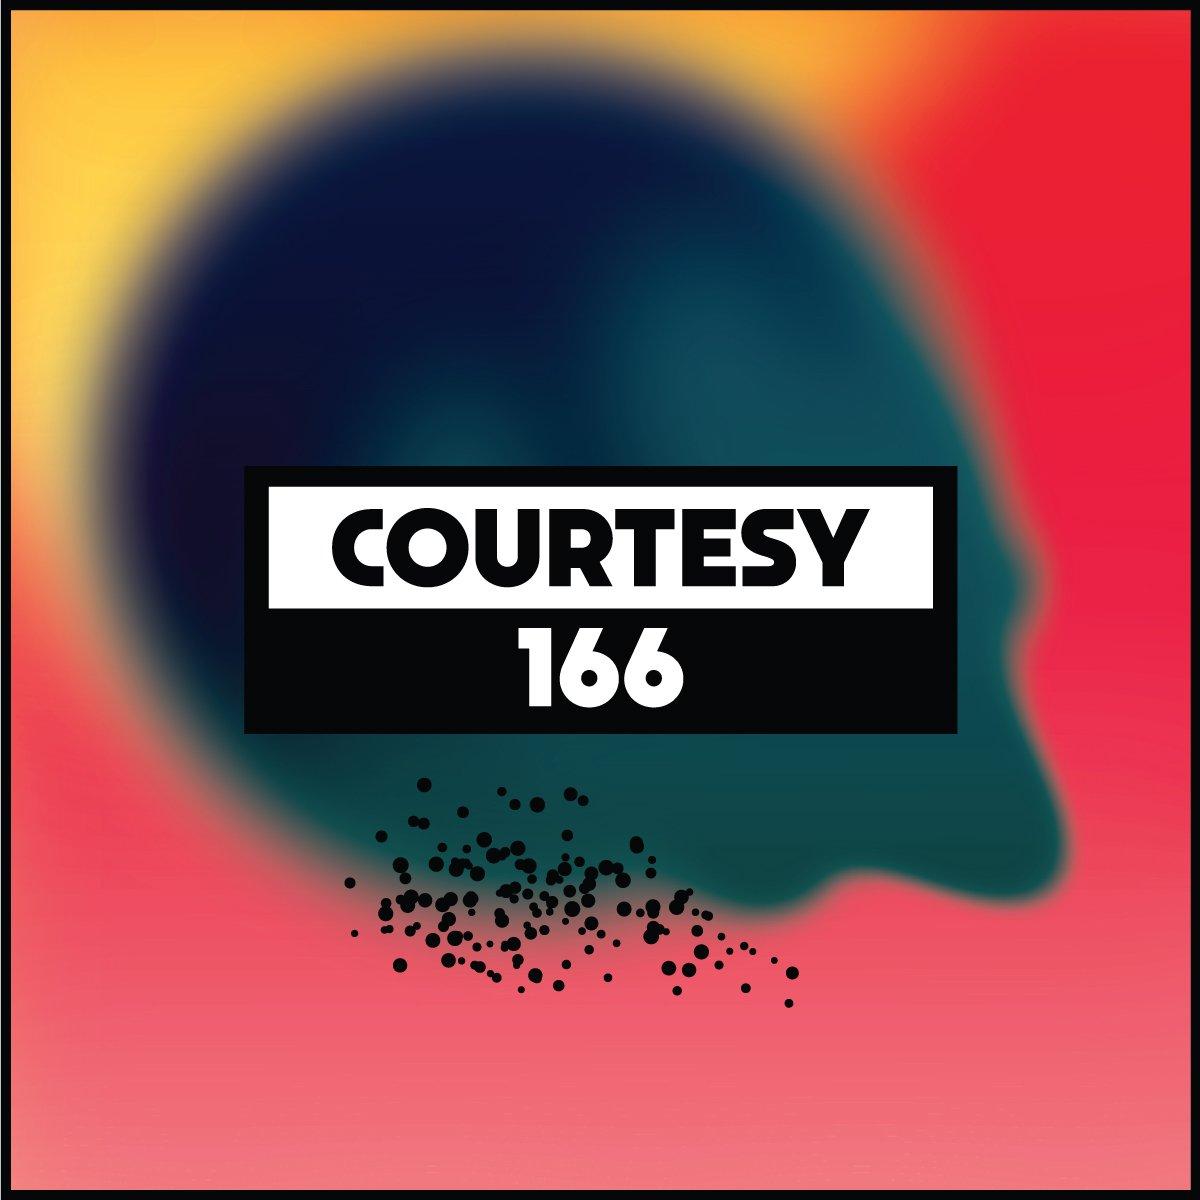 0c9cd58d1e93 Hit play! https   soundcloud.com dkmntl dekmantel-podcast-166-courtesy  …pic.twitter.com nIhBTqRSY3